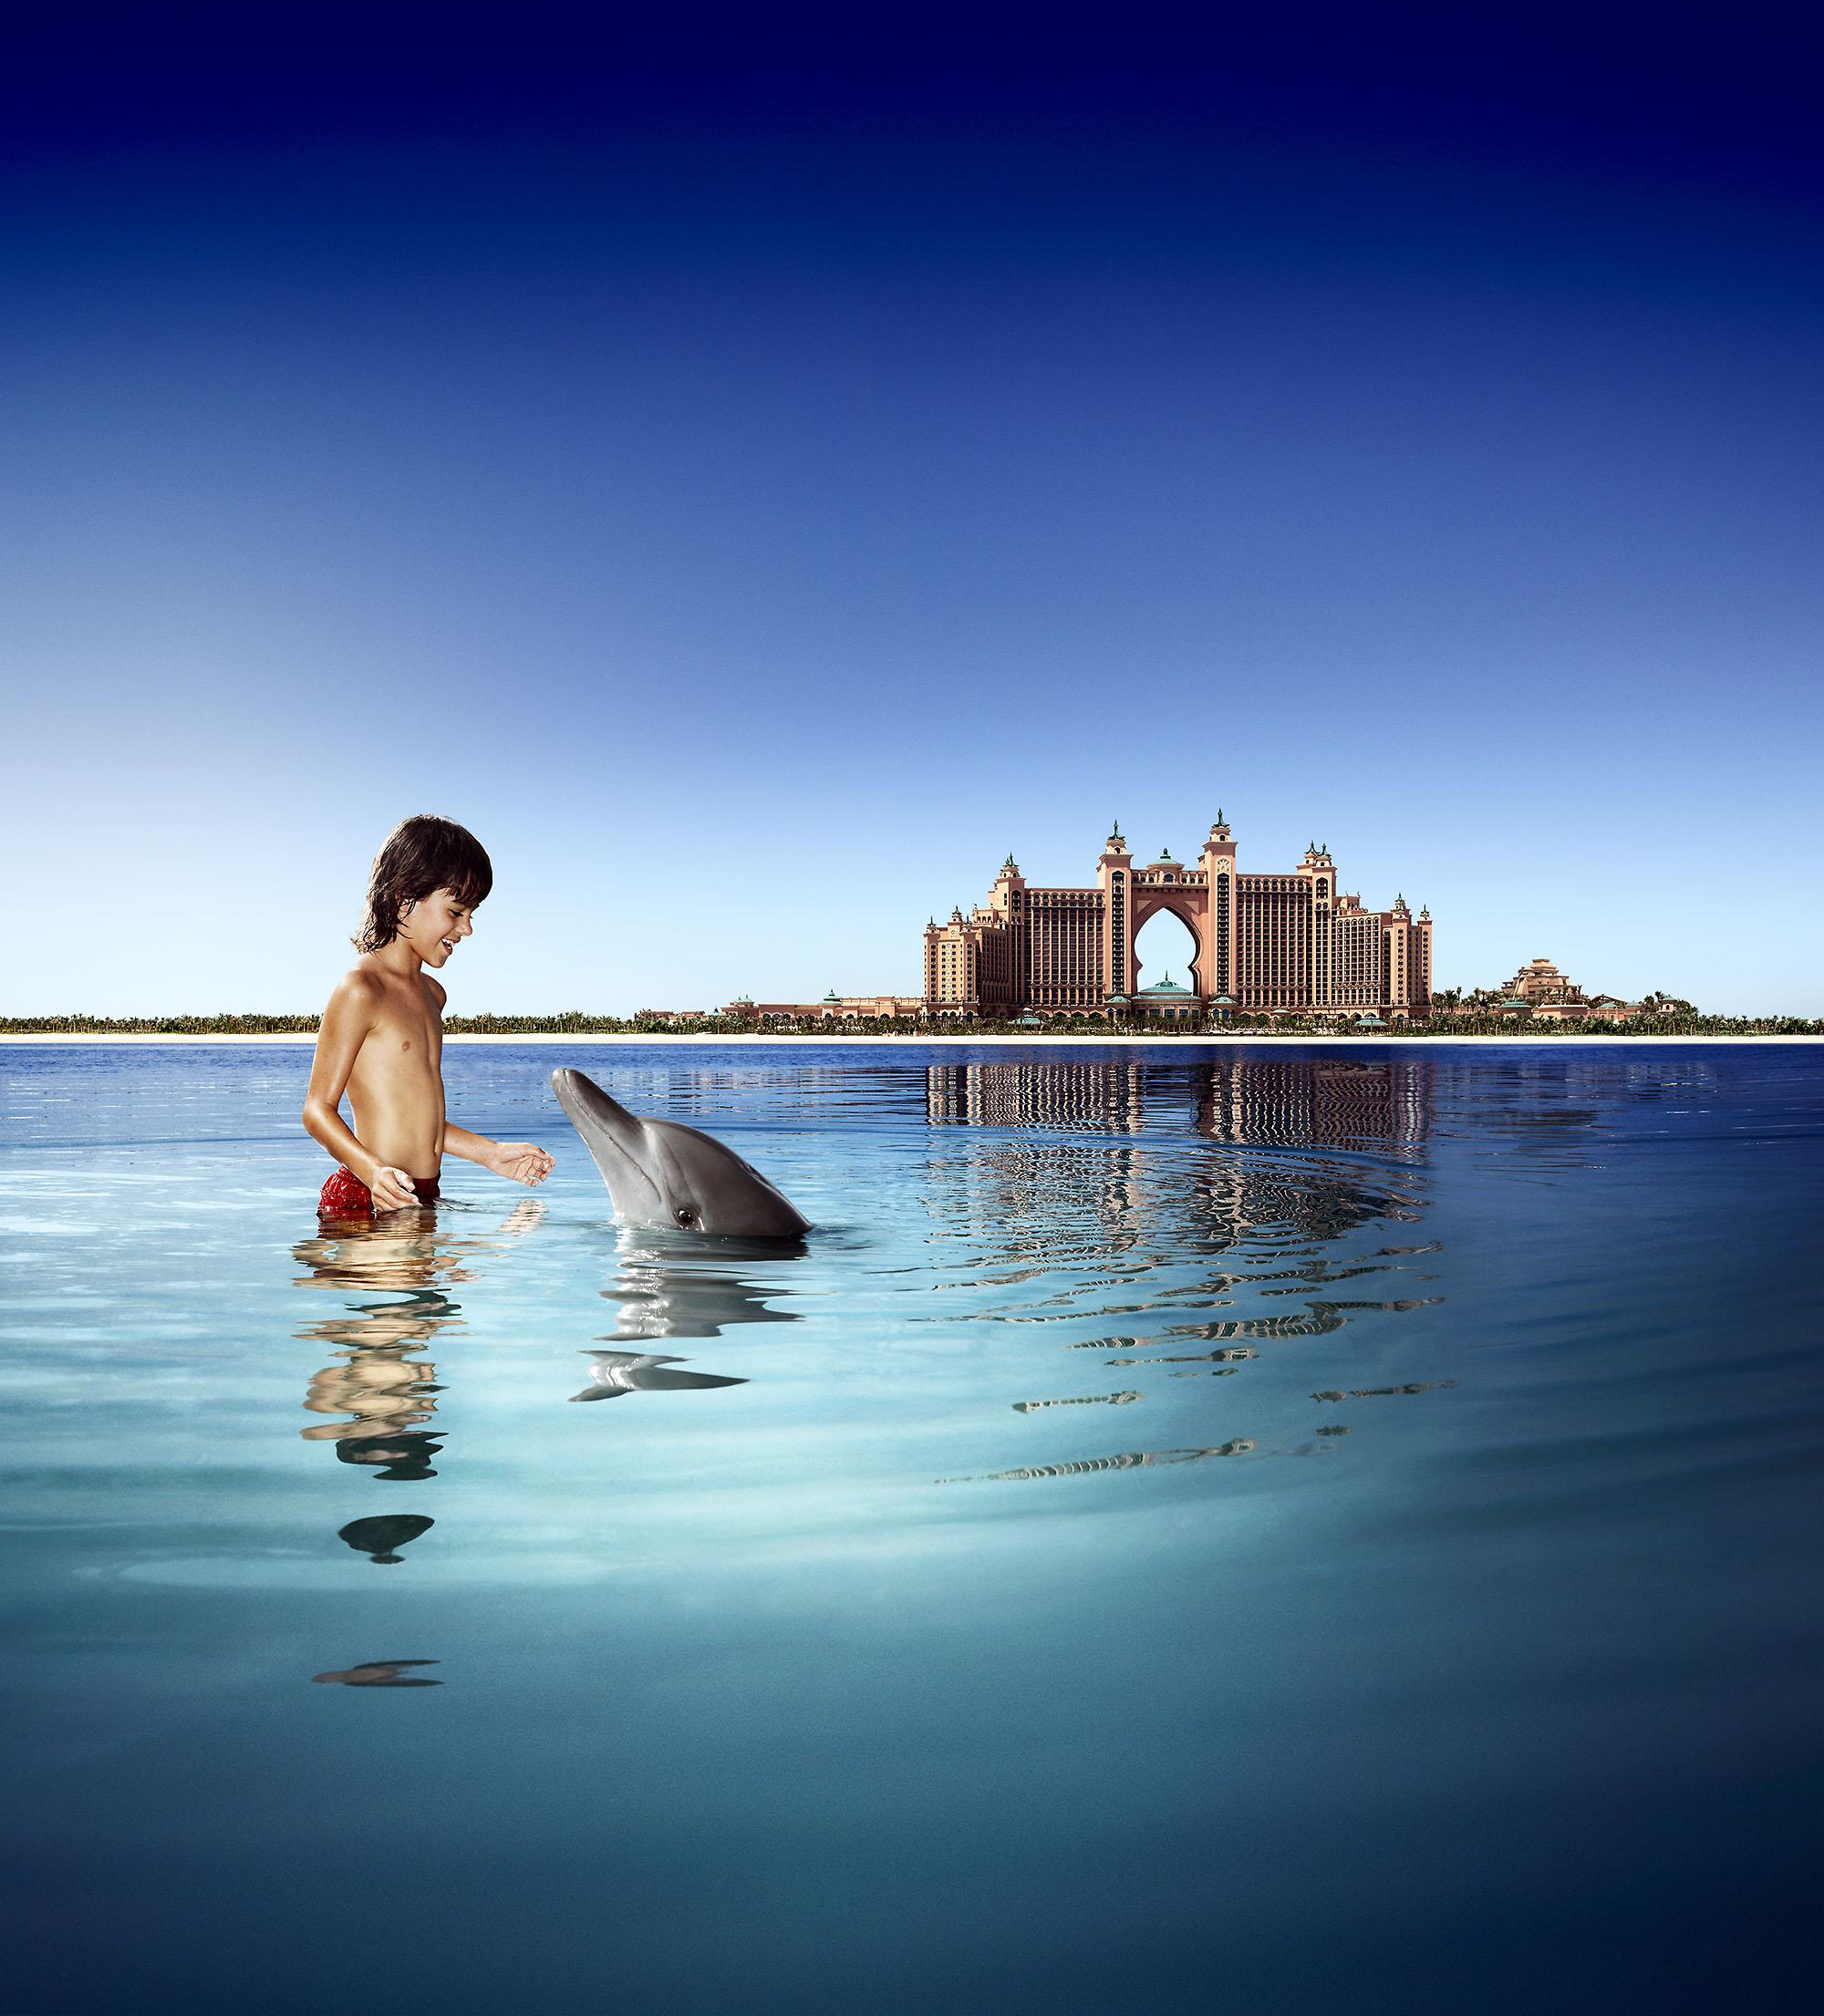 Karan Kapoor boy with dolphin in pool